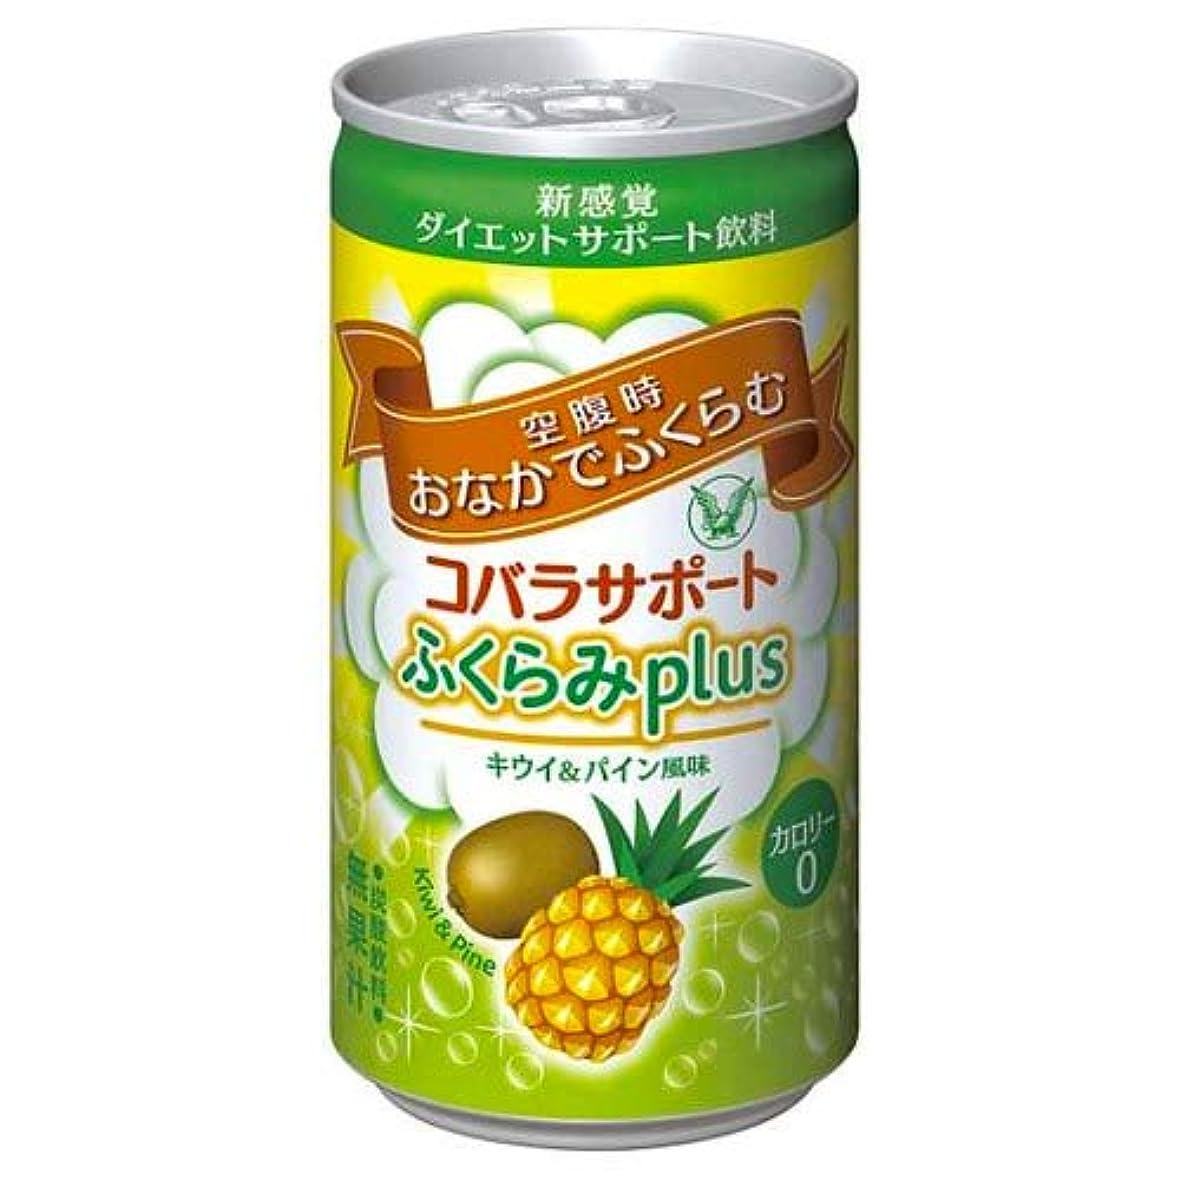 マニュアル豆腐機転大正製薬 コバラサポート ふくらみPLUS キウイ&パイン風味 185ml